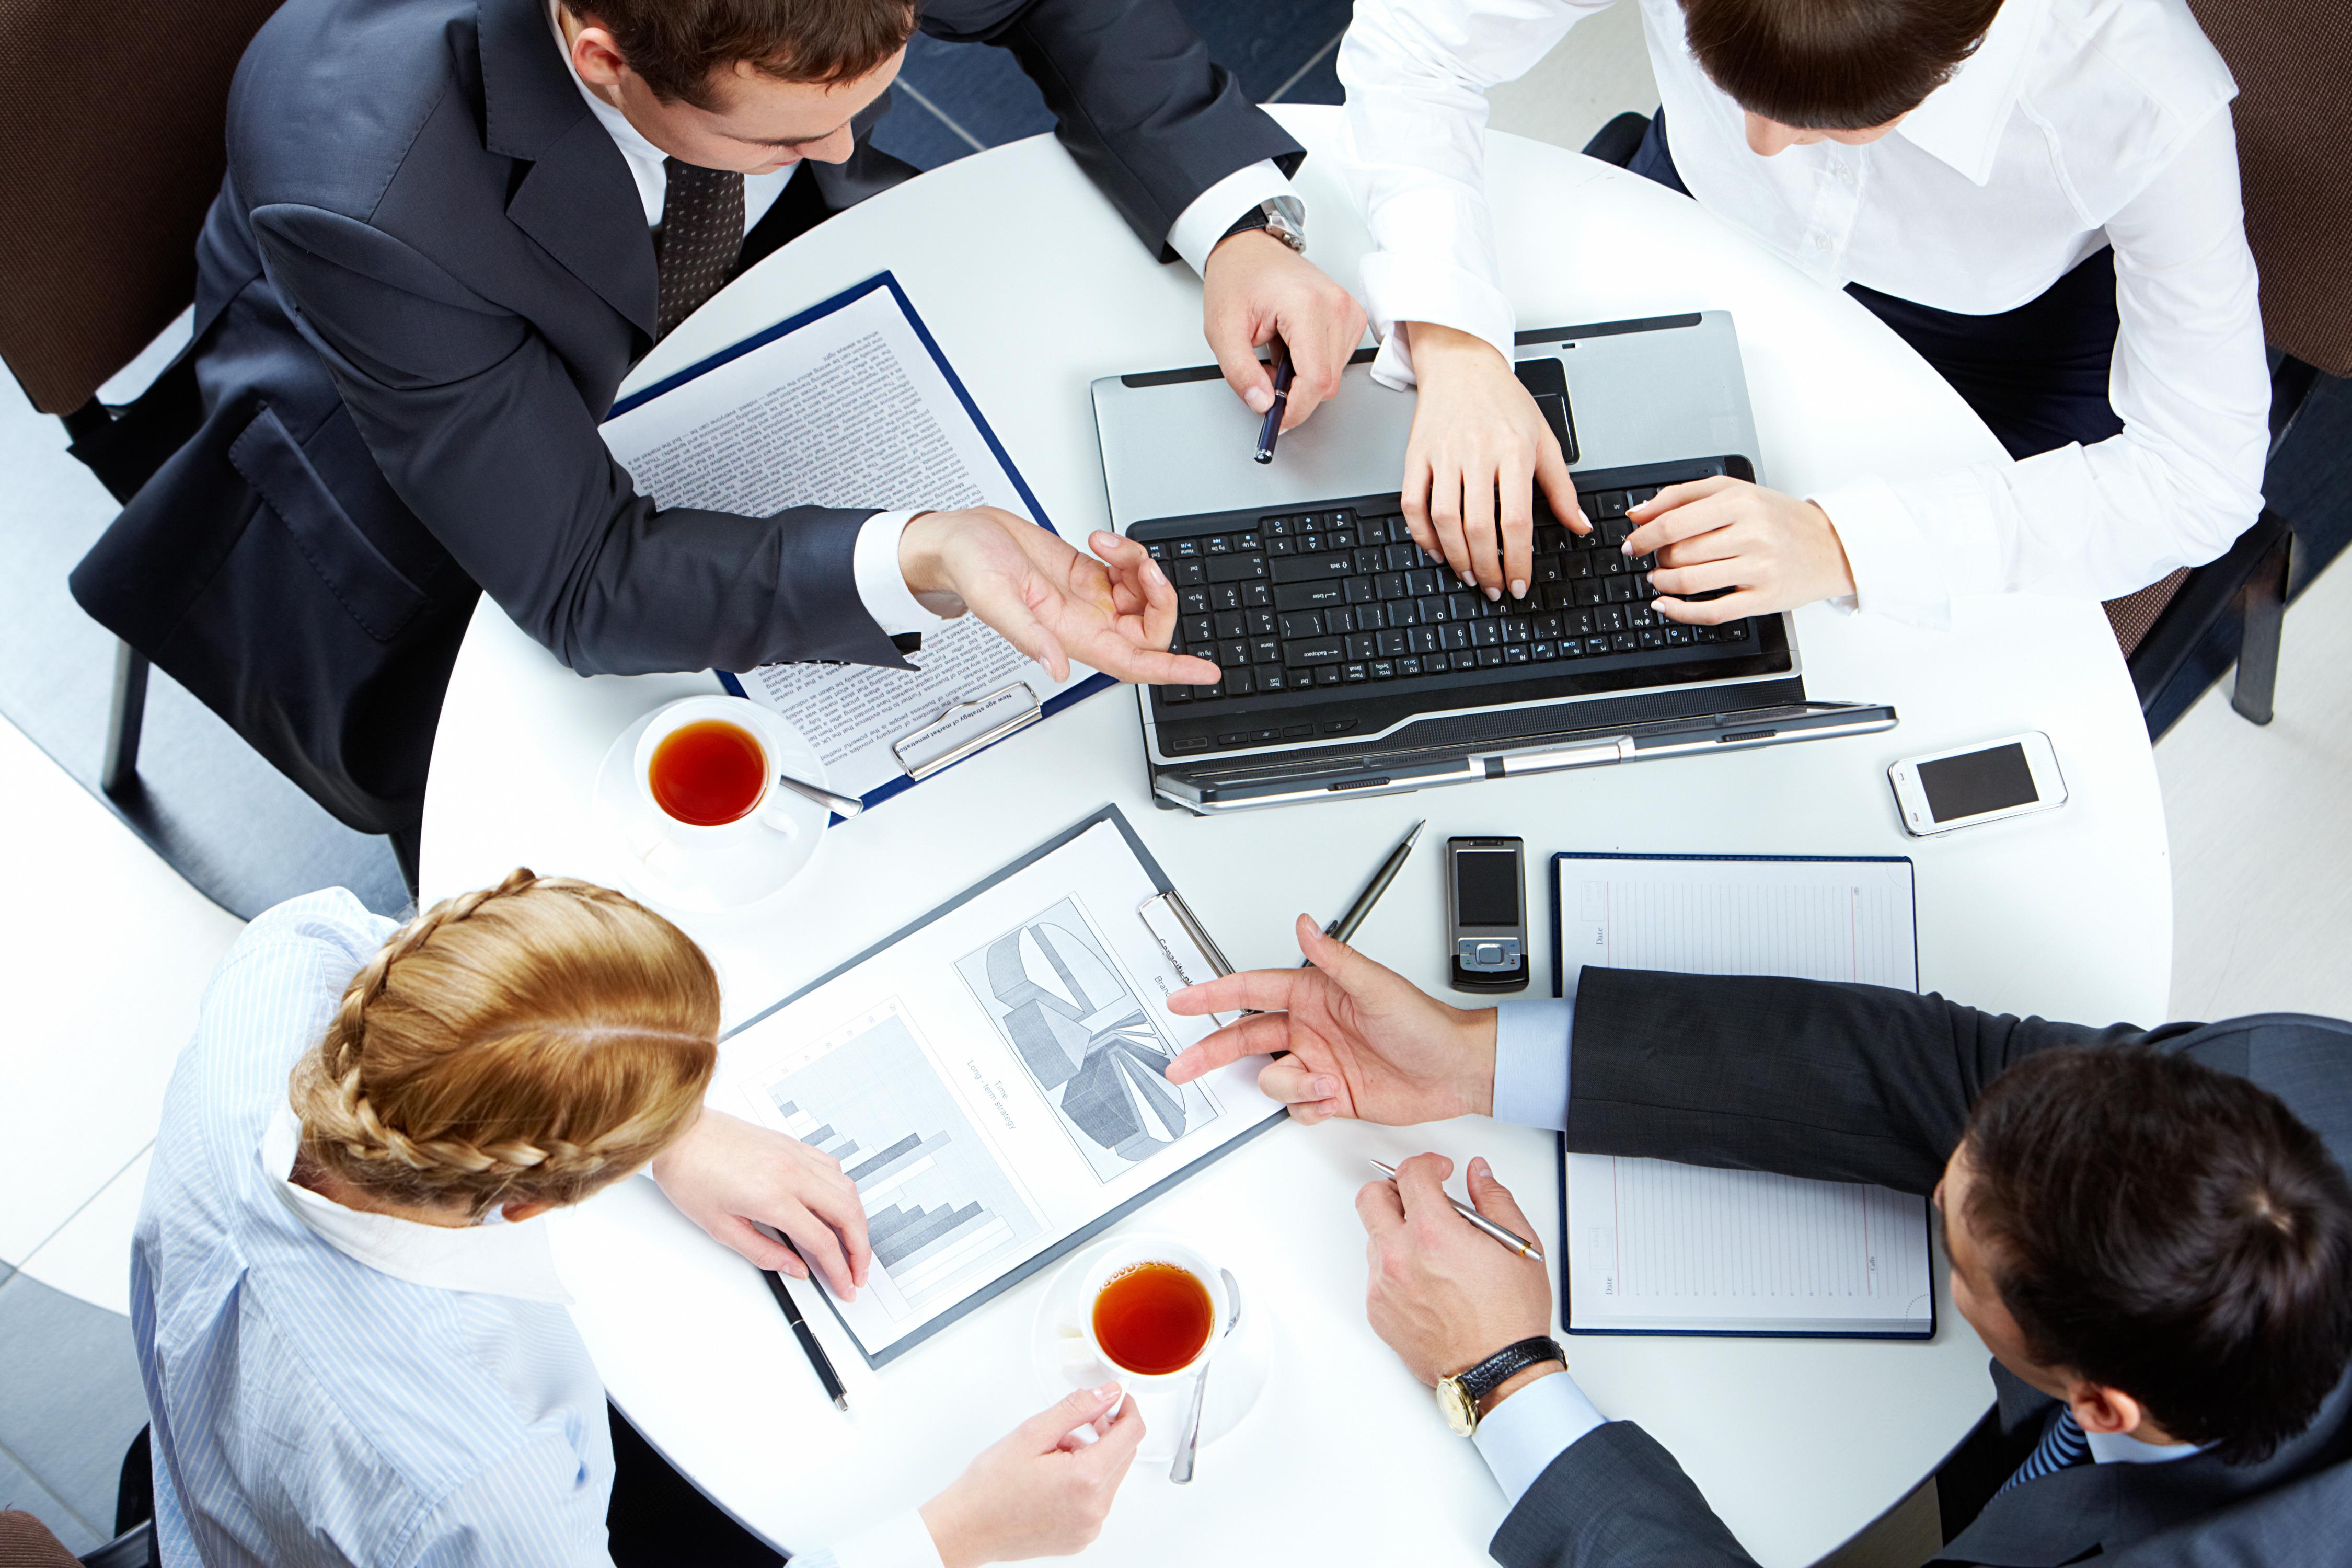 картинки про обучение в бизнесе площадке ивушках